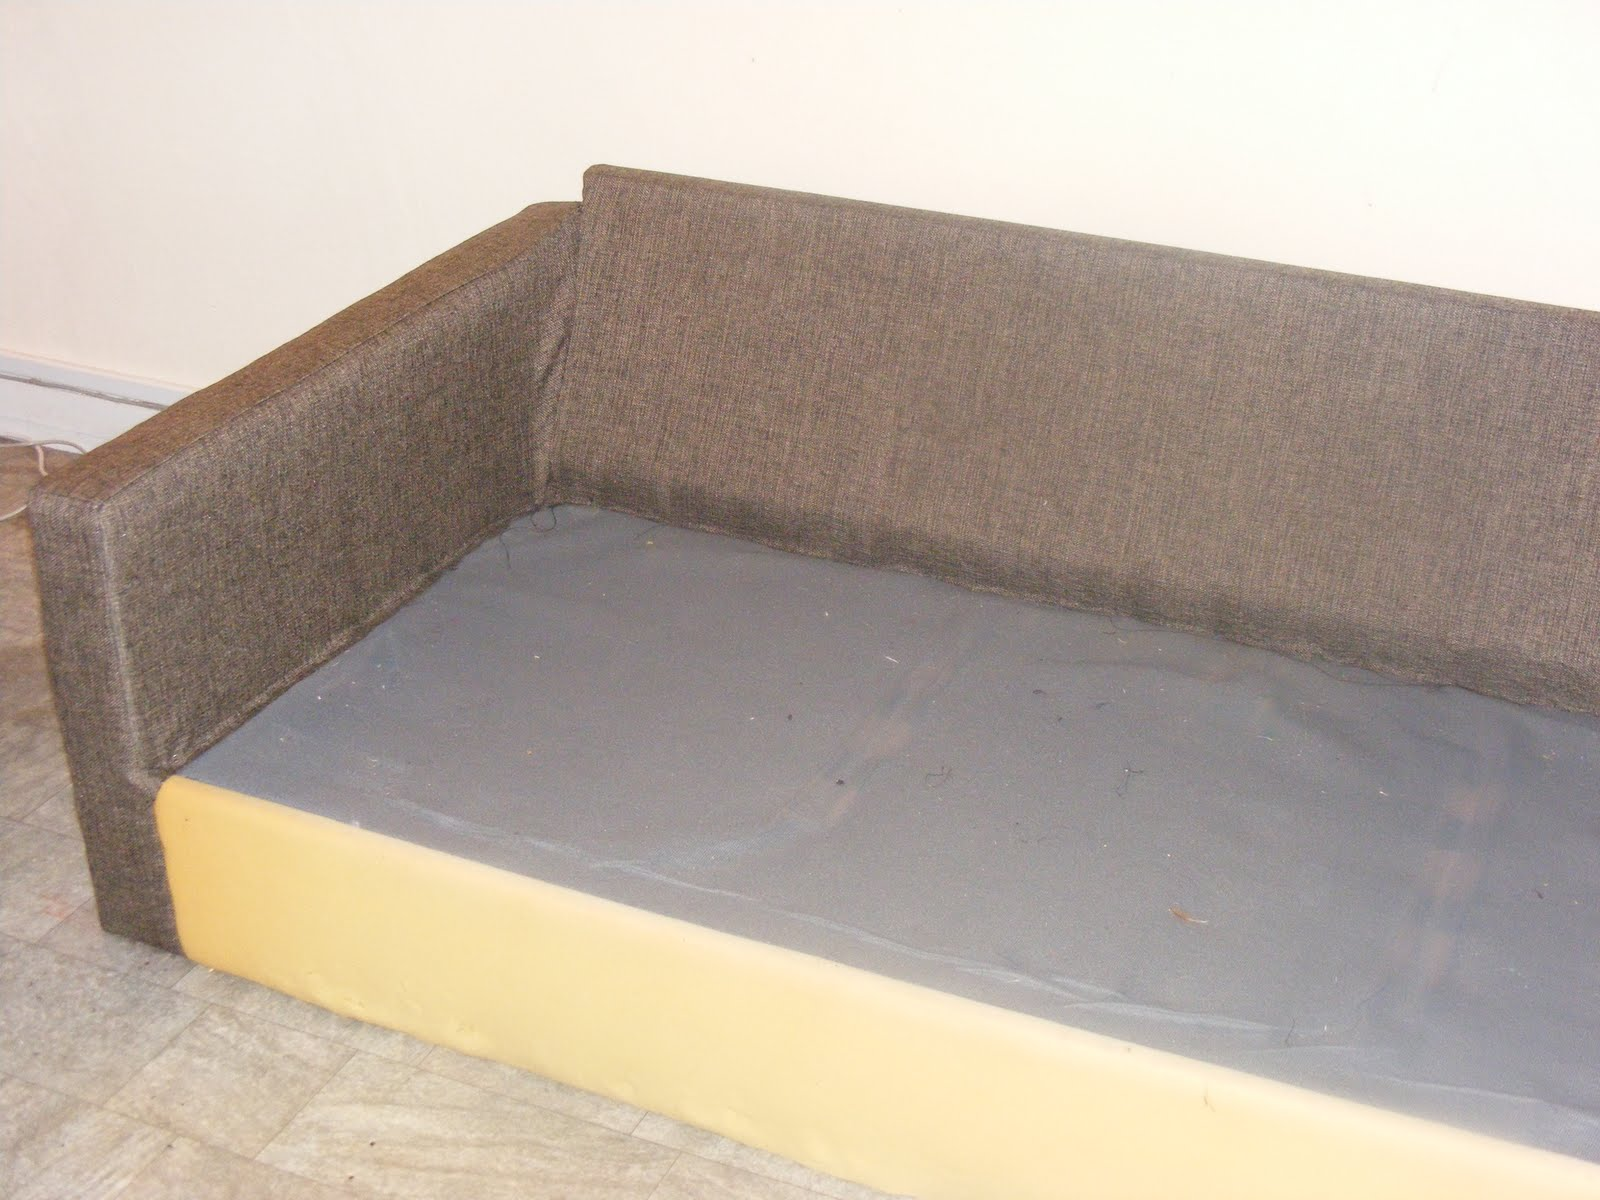 neige de louange le jour o j 39 ai refais mon canap. Black Bedroom Furniture Sets. Home Design Ideas